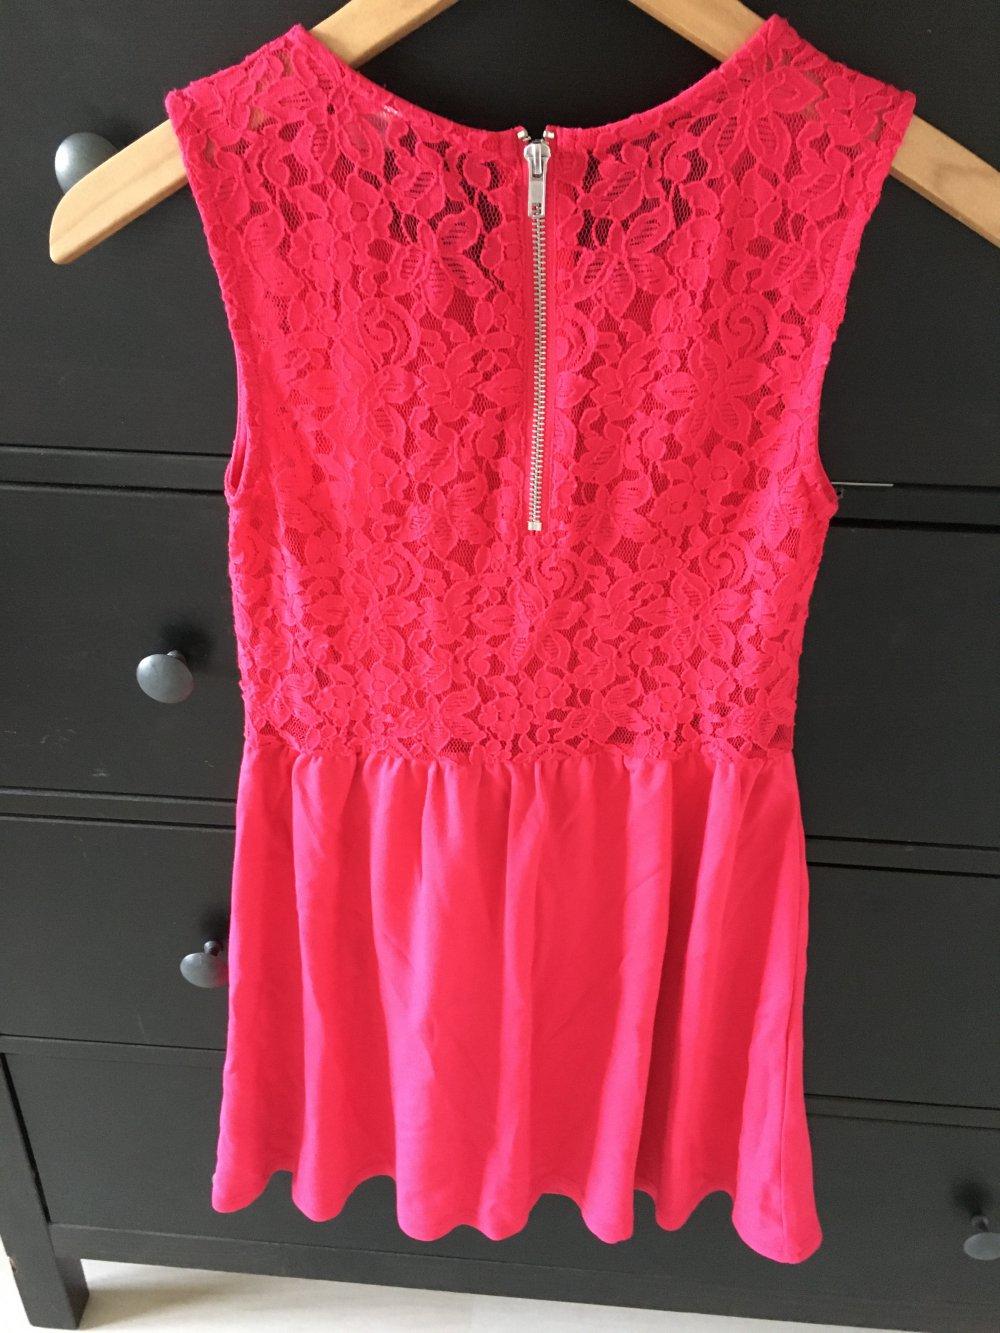 kleid festlich pink kurzes kleid sommer 36 h&m divided